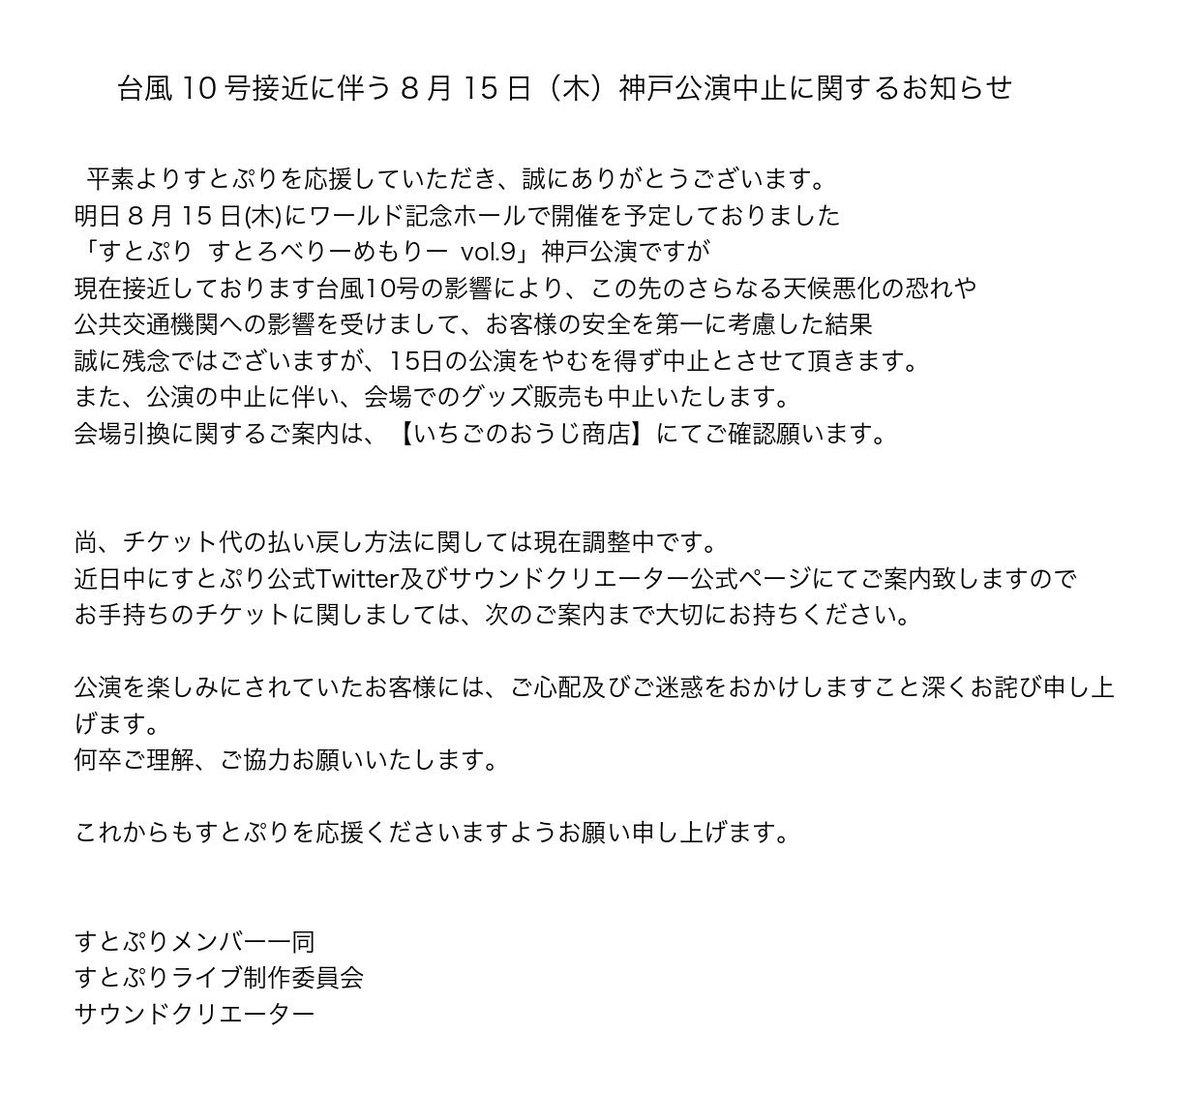 【🍓台風10号接近に伴う8月15日(木) 神戸公演中止に関するお知らせ🍓】